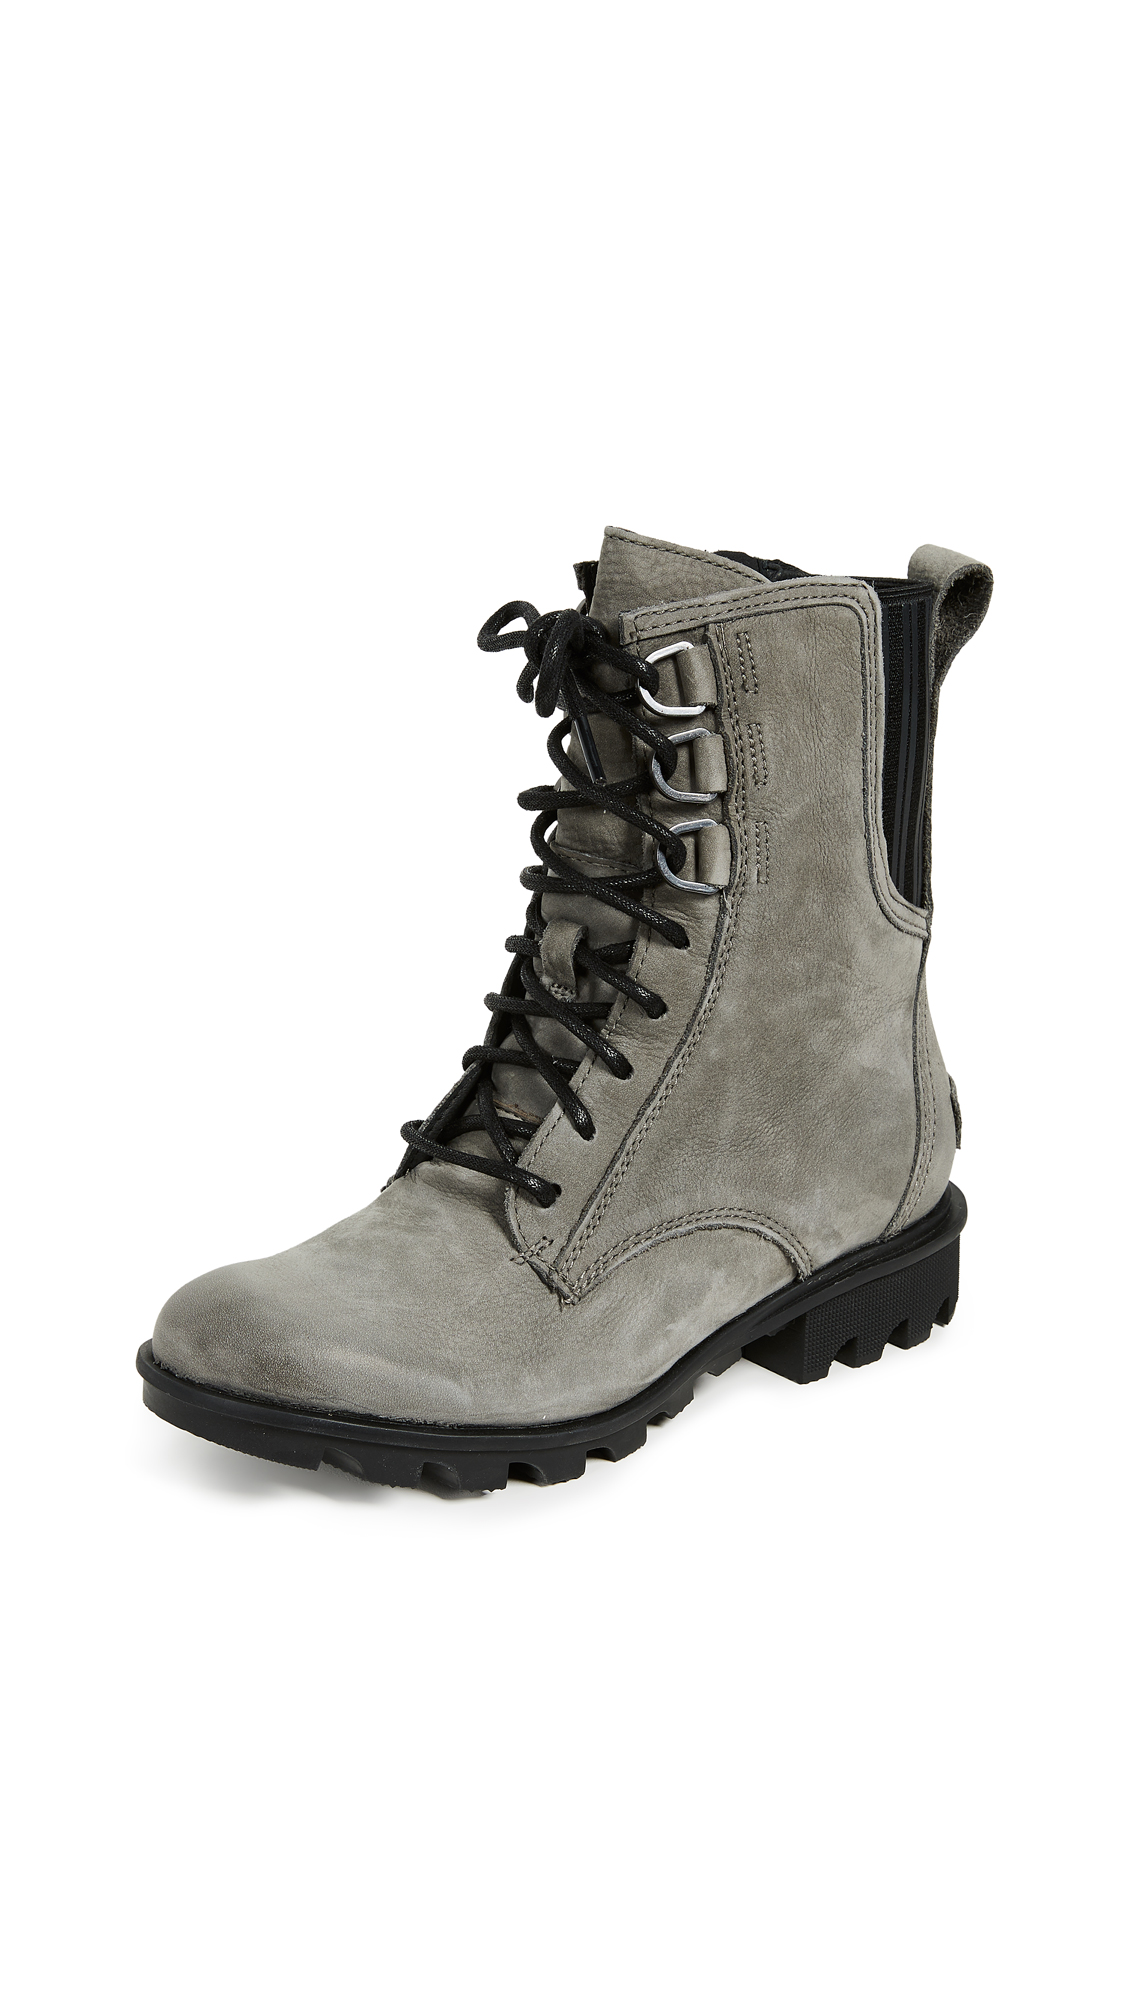 Sorel Phoenix Lace Boots - Nubuck/Quarry